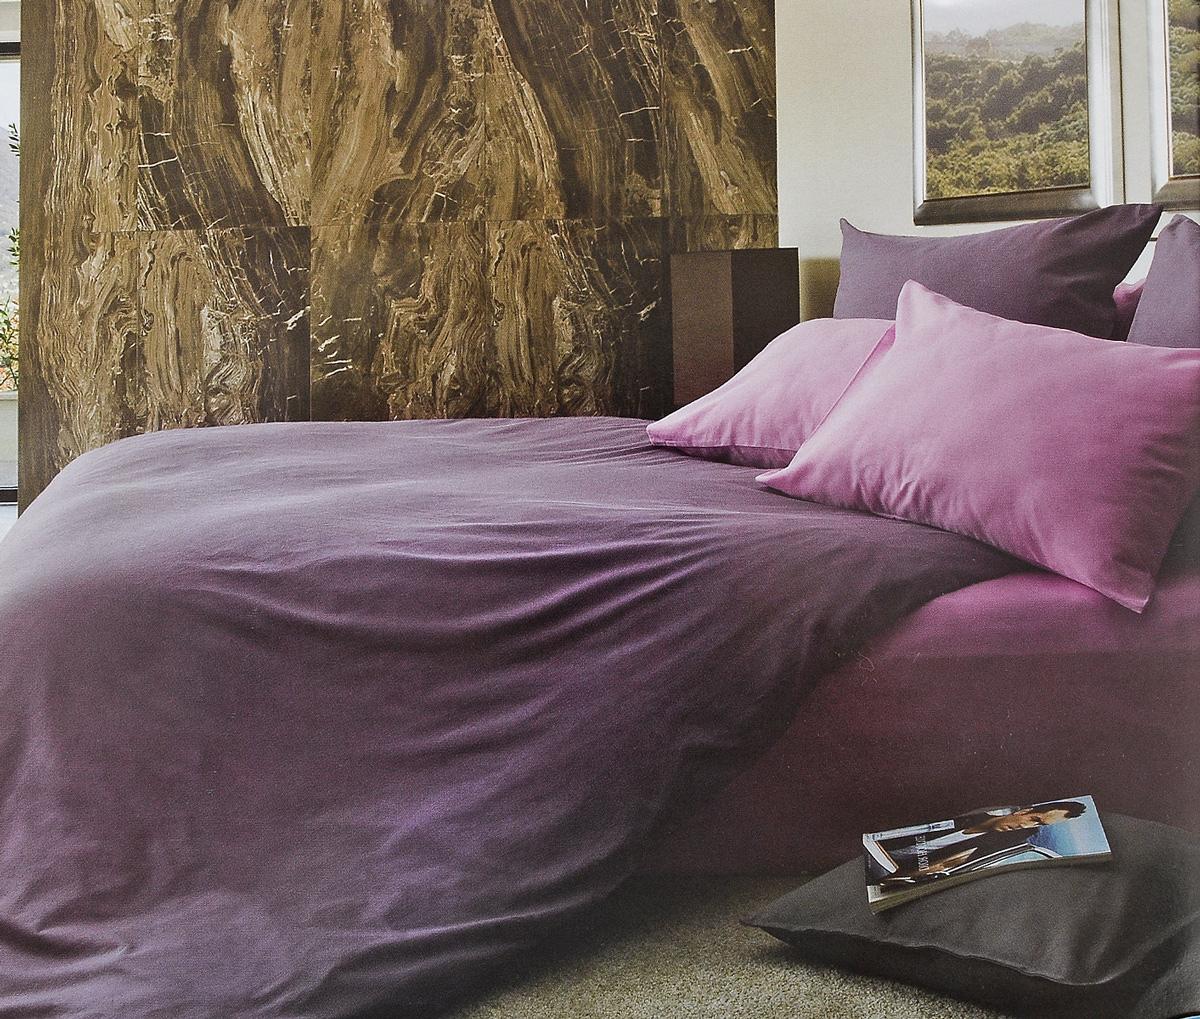 Комплект белья Tiffanys Secret Черничные ночи, 1,5-спальный, наволочки 50х70, цвет: фиолетовый, сиреневый2040816088Комплект постельного белья Tiffanys Secret Черничные ночи является экологически безопасным для всей семьи, так как выполнен из сатина (100% хлопок). Комплект состоит из пододеяльника, простыни и двух наволочек. Благодаря такому комплекту постельного белья вы сможете создать атмосферу уюта и комфорта в вашей спальне. Сатин - это ткань, навсегда покорившая сердца человечества. Ценившие роскошь персы называли ее атлас, а искушенные в прекрасном французы - сатин. Секрет высококачественного сатина в безупречности всего технологического процесса. Эту благородную ткань делают только из отборной натуральной пряжи, которую получают из самого лучшего тонковолокнистого хлопка. Благодаря использованию самой тонкой хлопковой нити получается необычайно мягкое и нежное полотно. Сатиновое постельное белье превращает жаркие летние ночи в прохладные и освежающие, а холодные зимние - в теплые и согревающие. Сатин очень приятен на ощупь, постельное белье из...